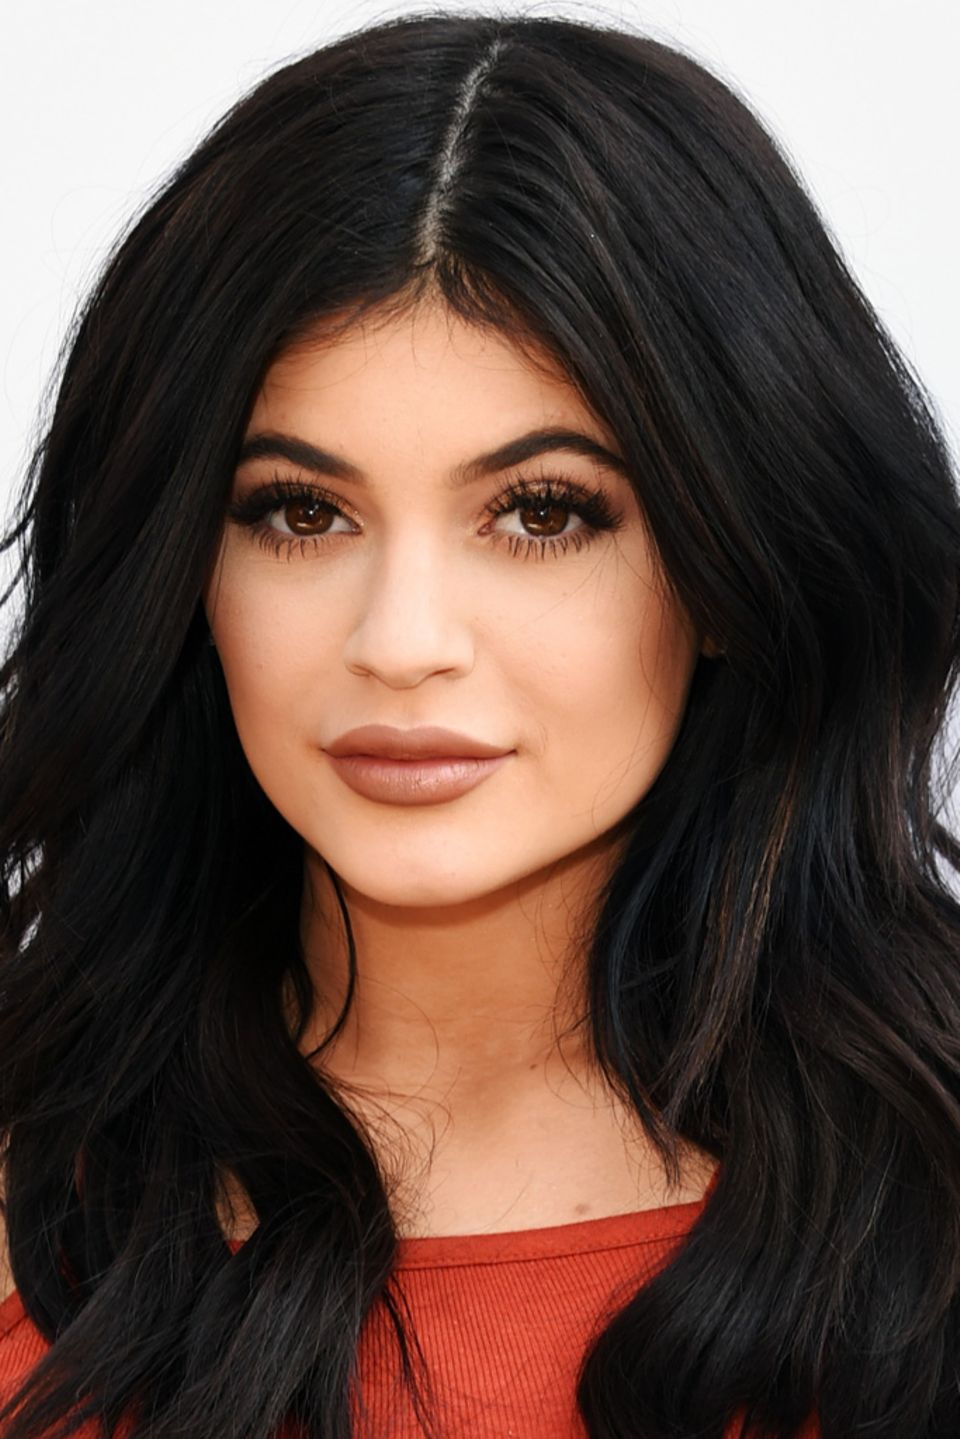 Kylie Jenner Starportr U00e4t News Bilder GALA De